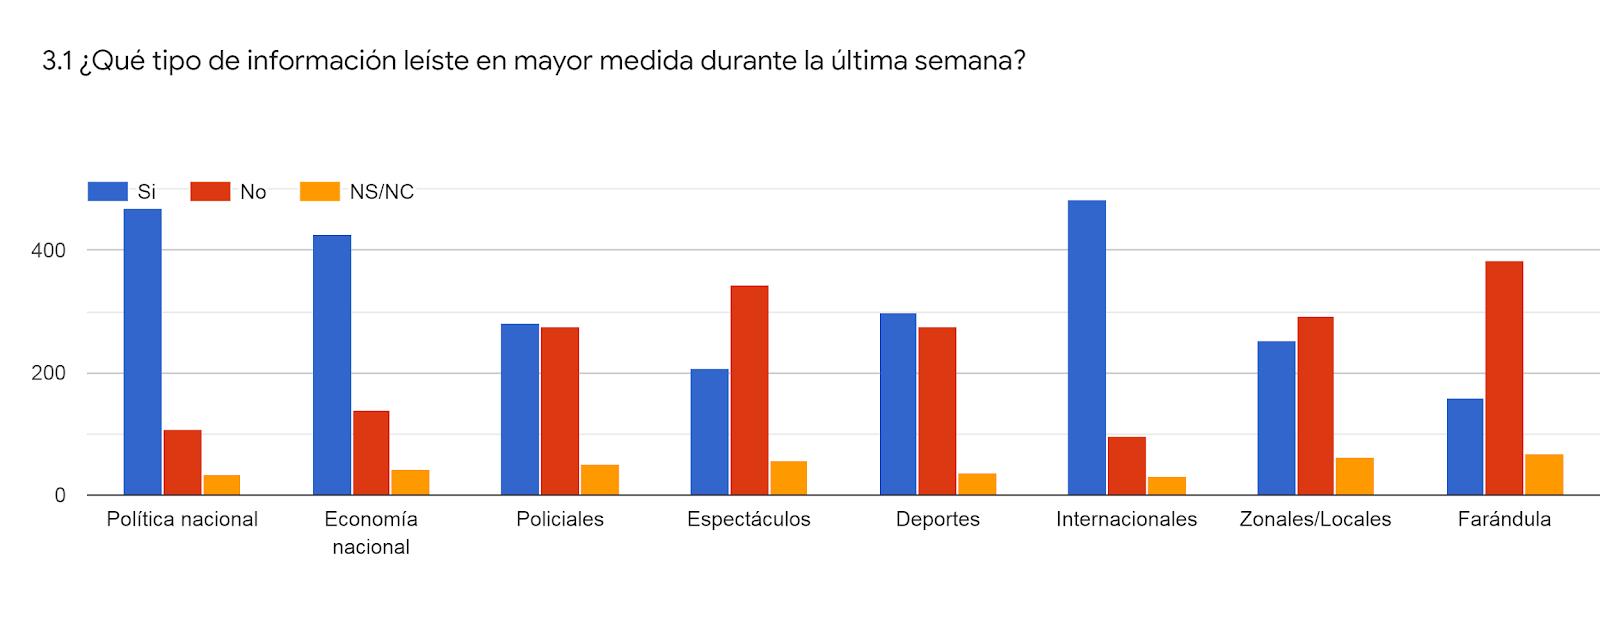 Gráfico de las respuestas de Formularios. Título de la pregunta: 3.1 ¿Qué tipo de información leíste en mayor medida durante la última semana?. Número de respuestas: .